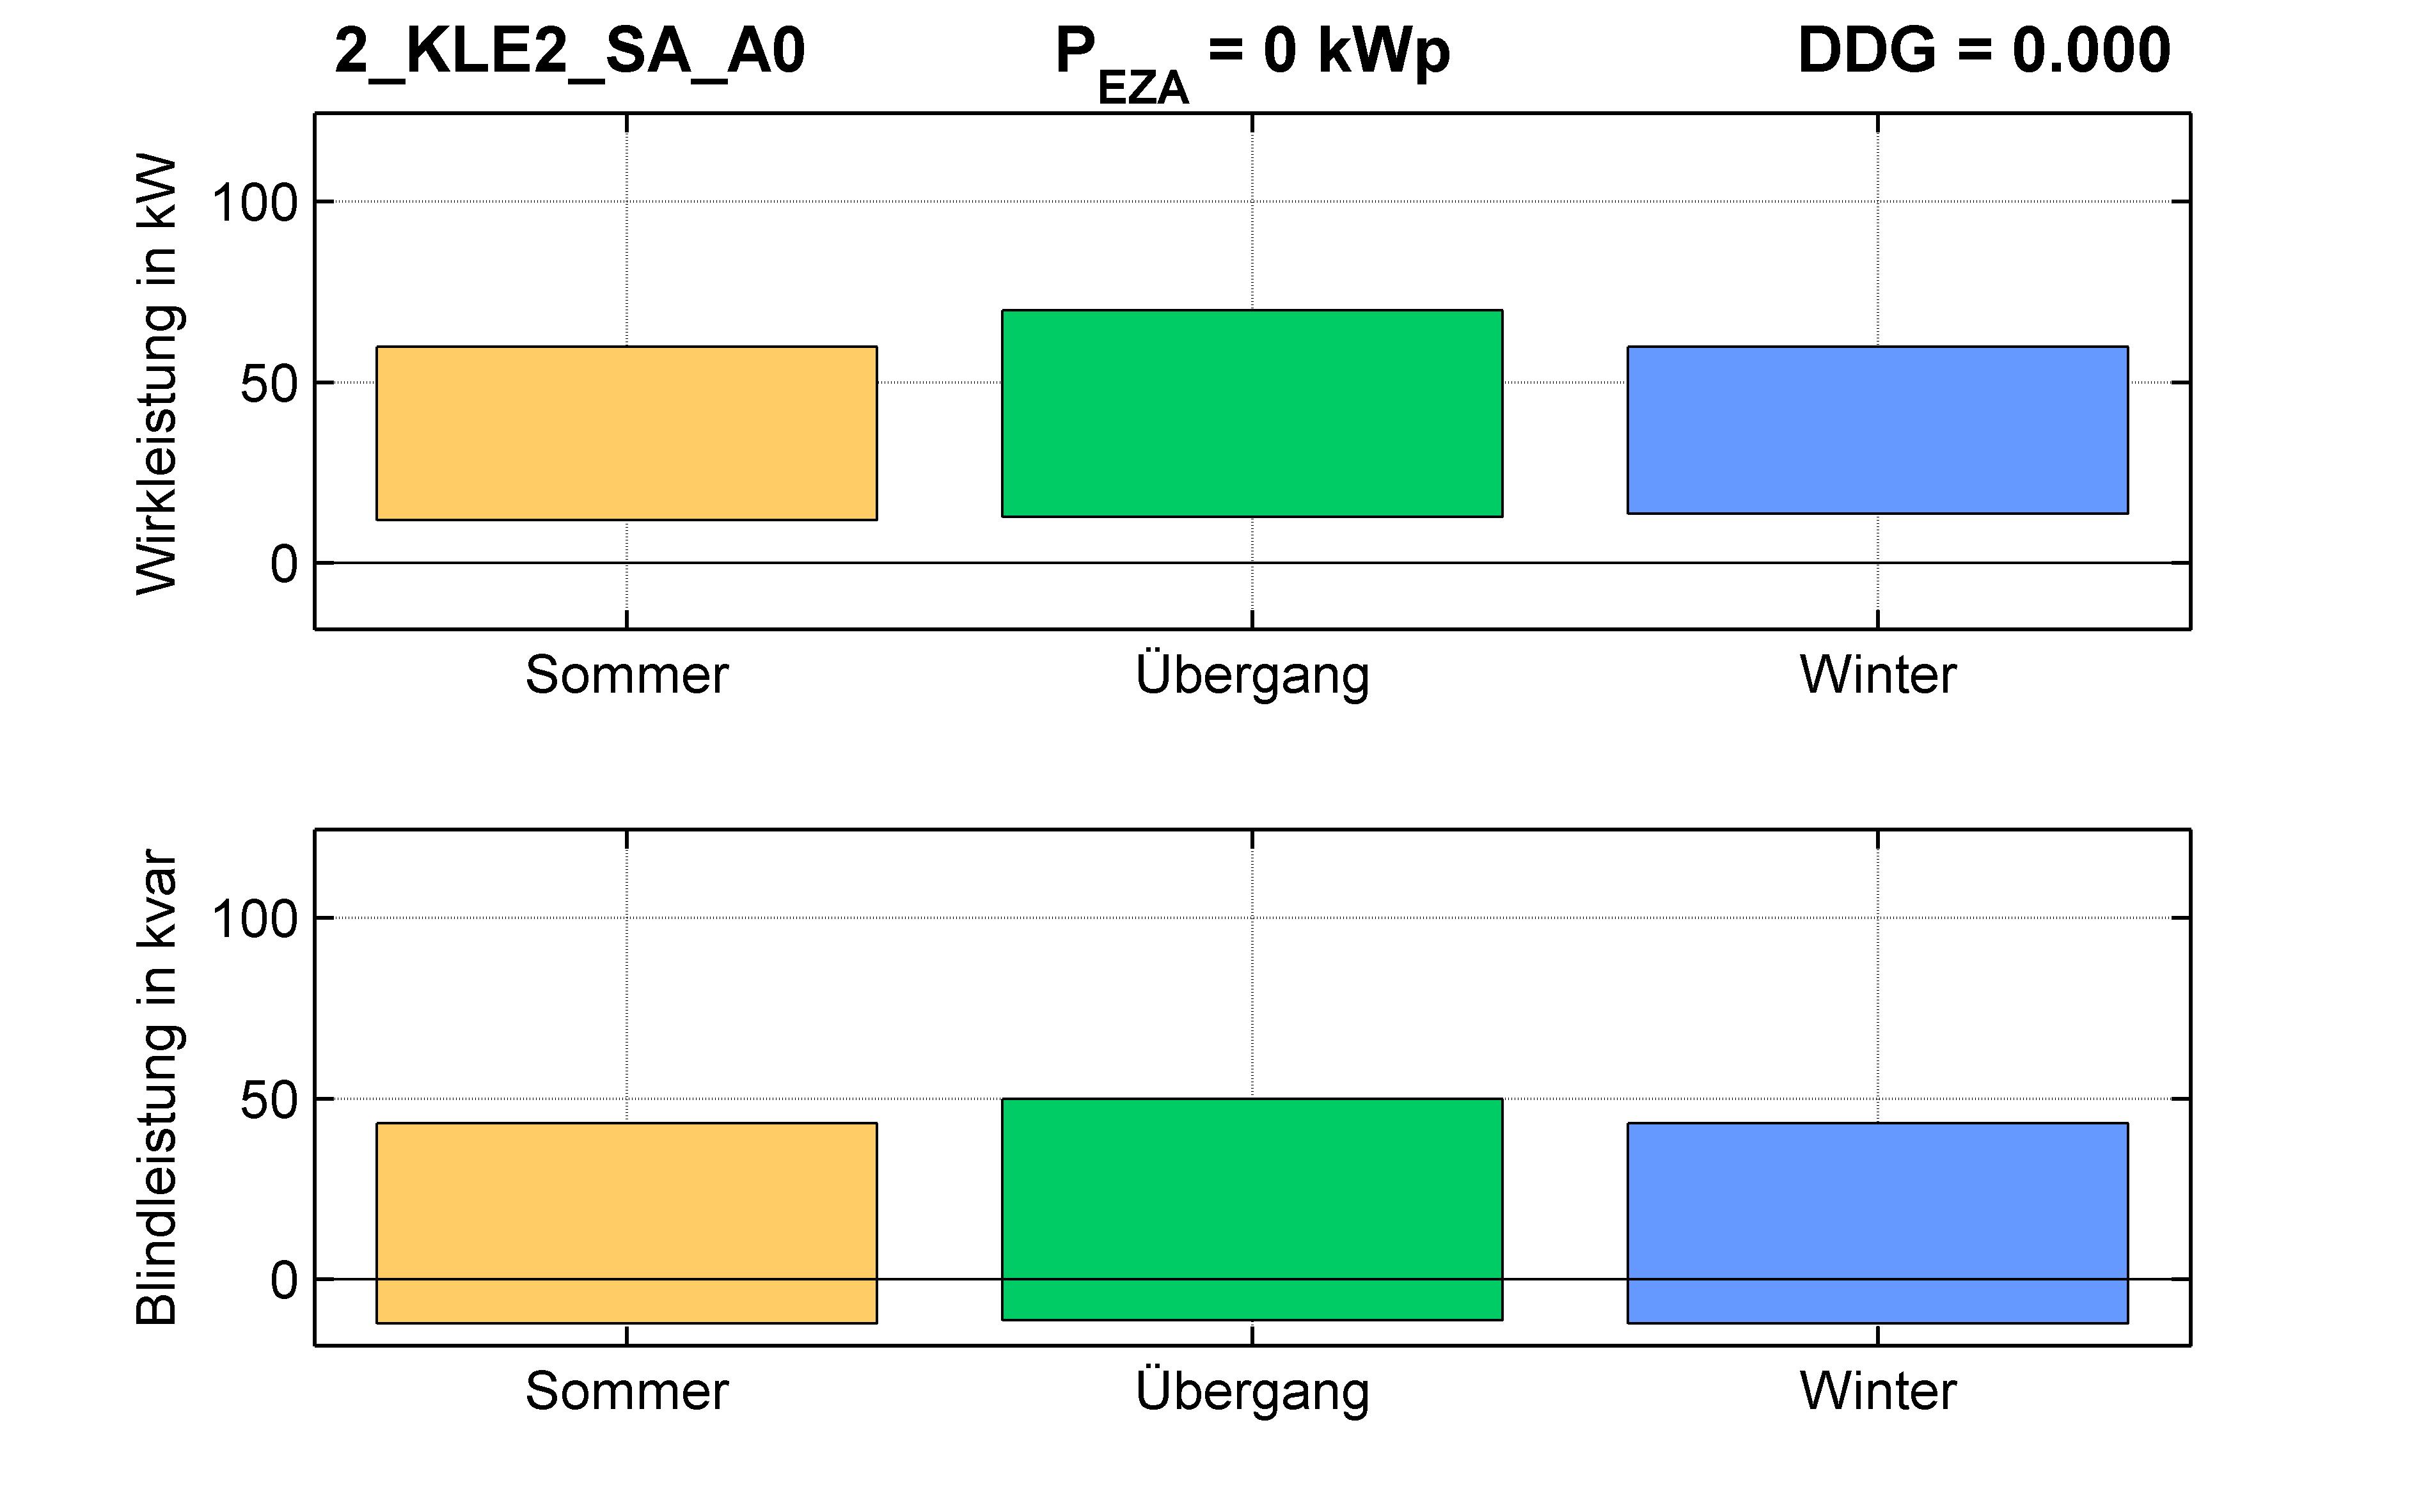 KLE2 | P-Kappung 85% (SA) A0 | PQ-Bilanz